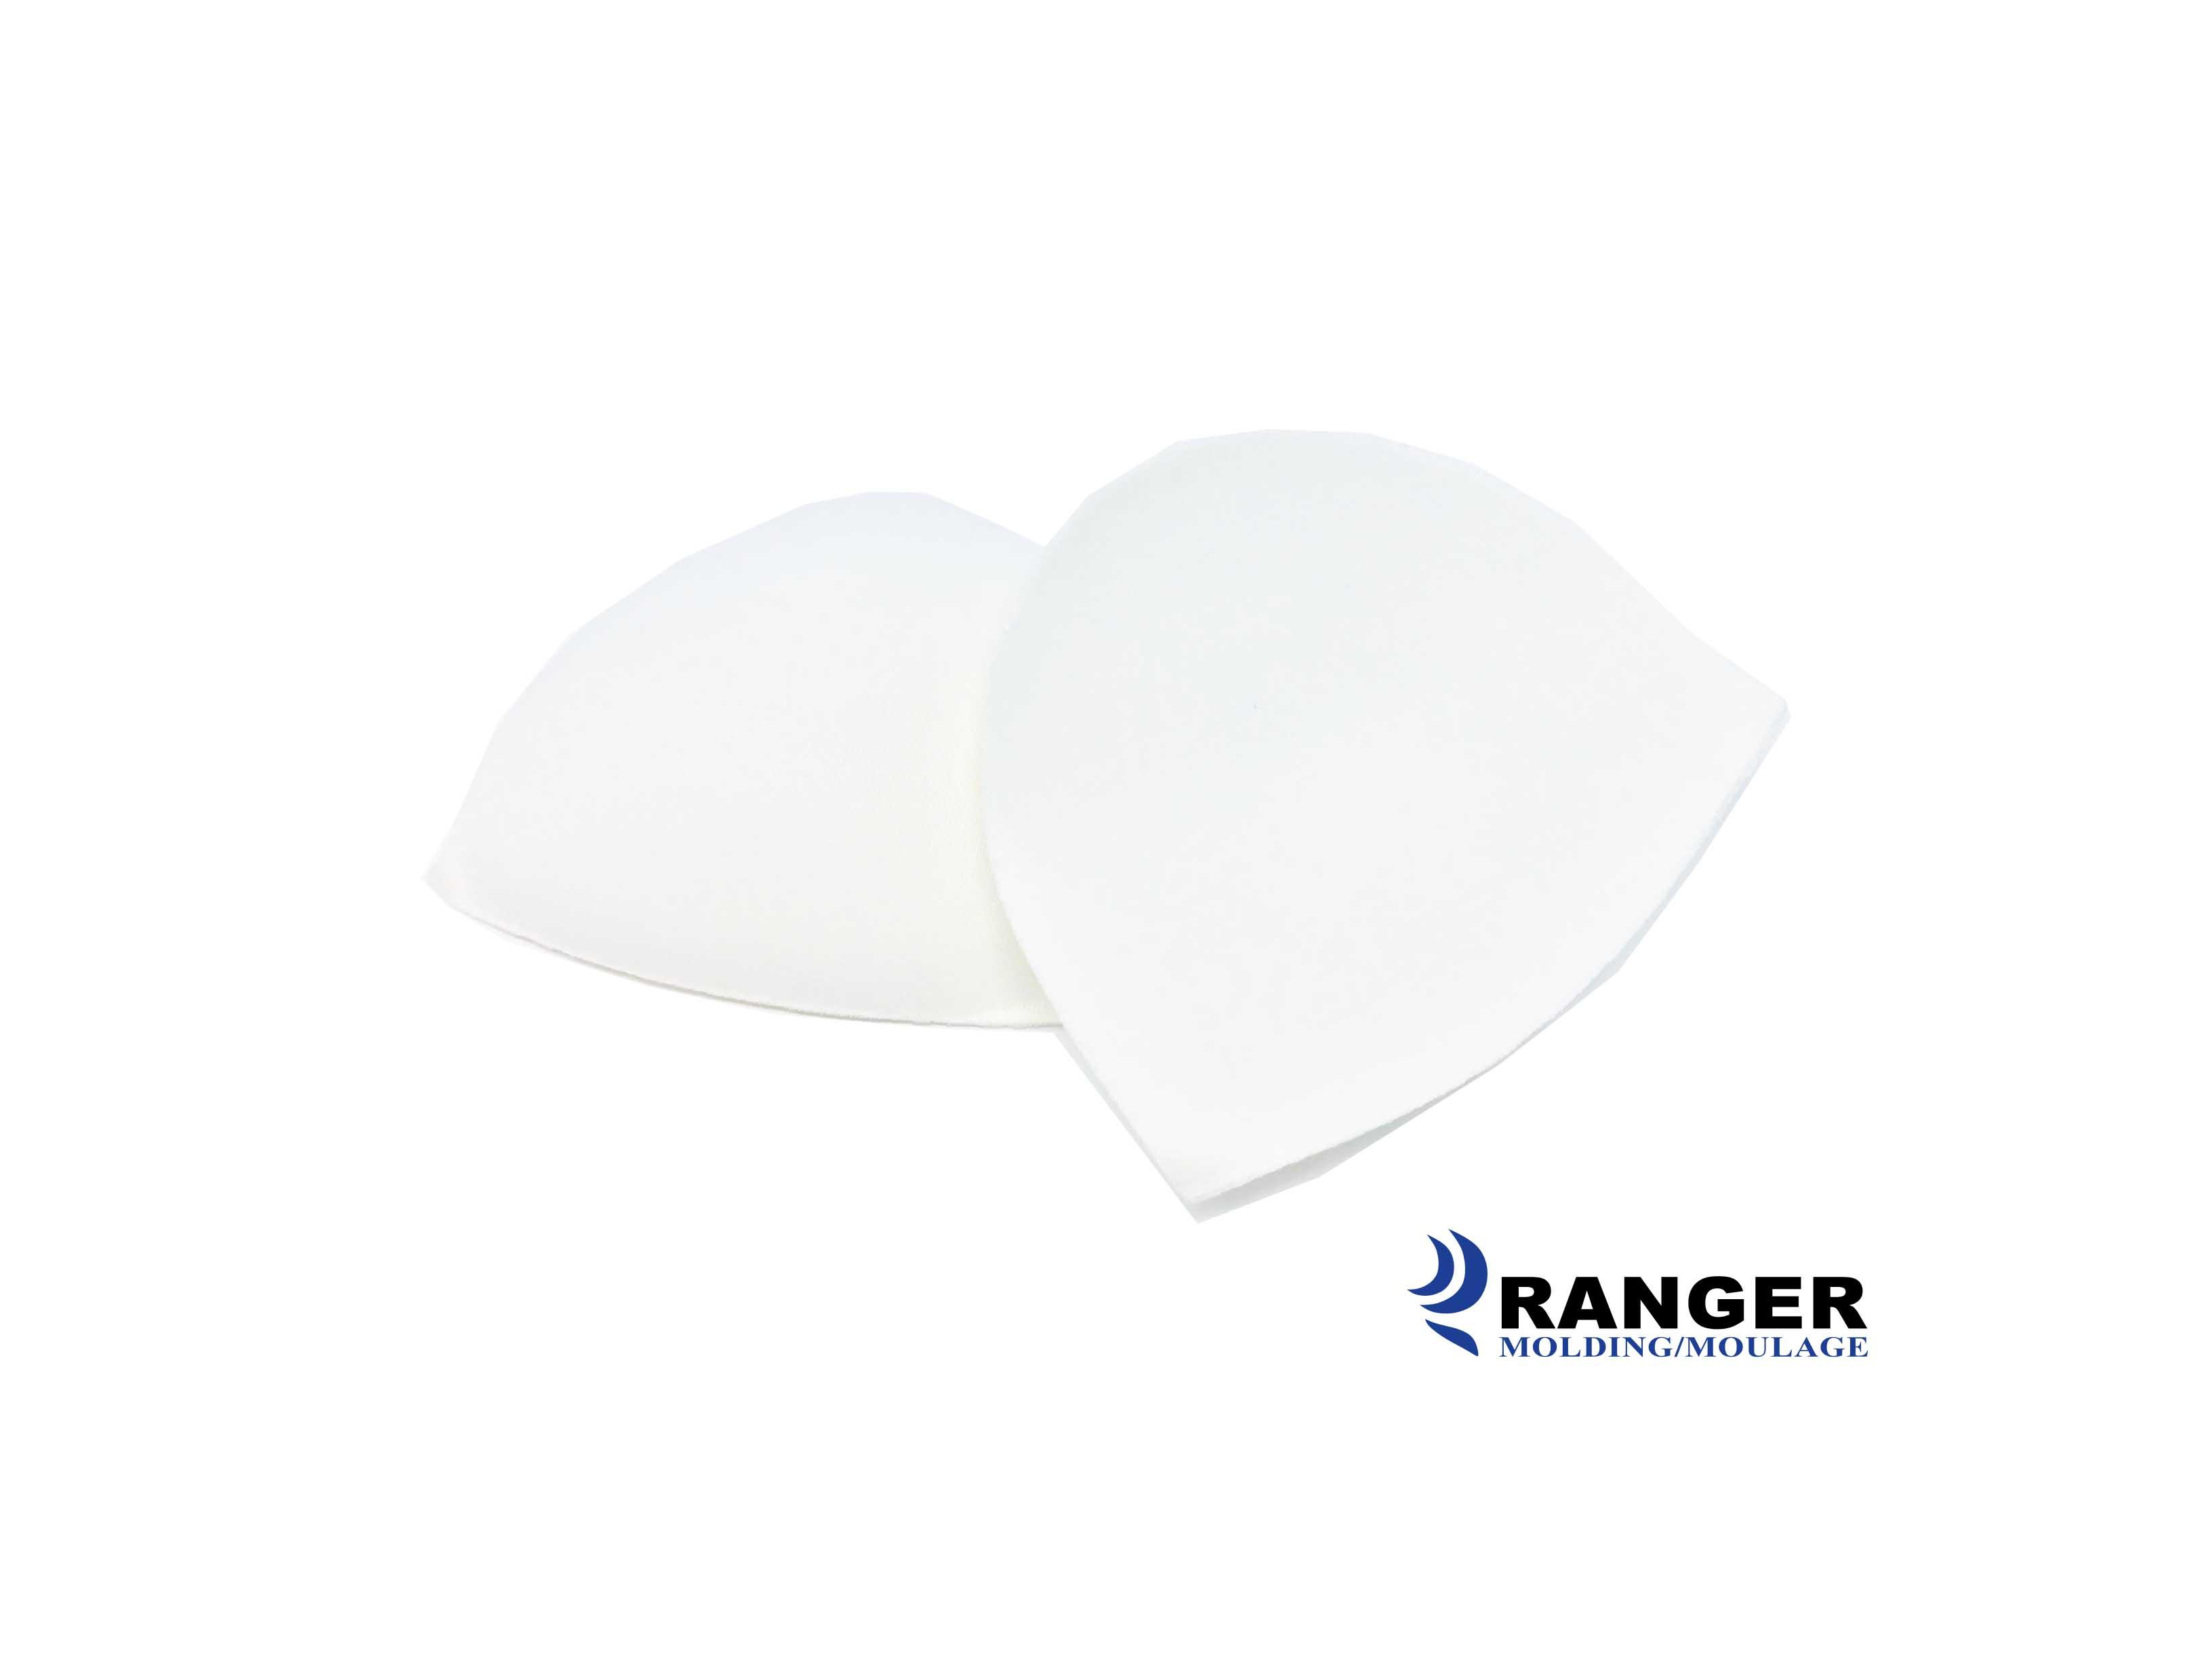 Swimsuit foam Cup Insert - Z11MP1 - Ranger Molding